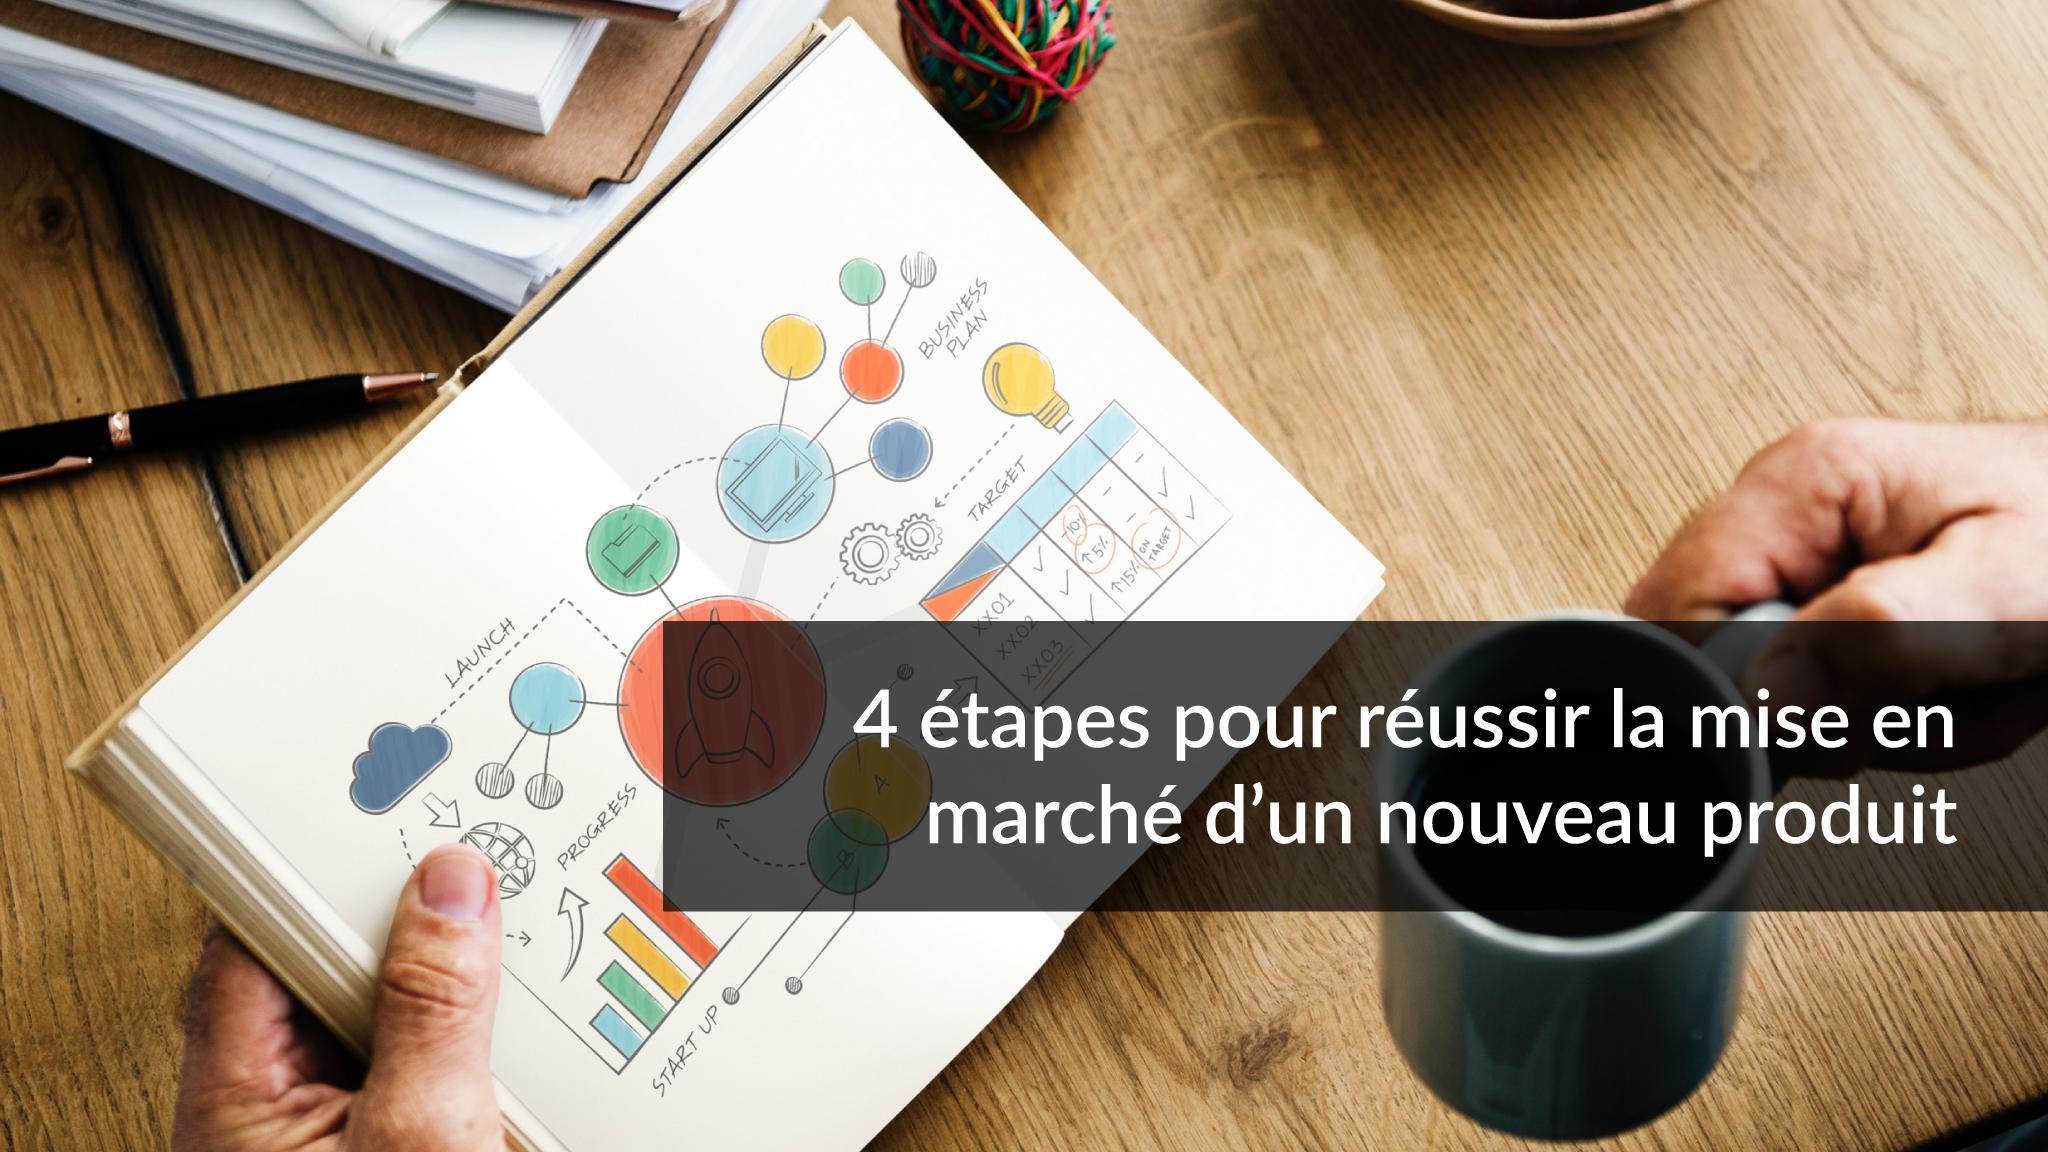 4 étapes pour réussir la mise en marché d'un nouveau produit | Studio Grafik